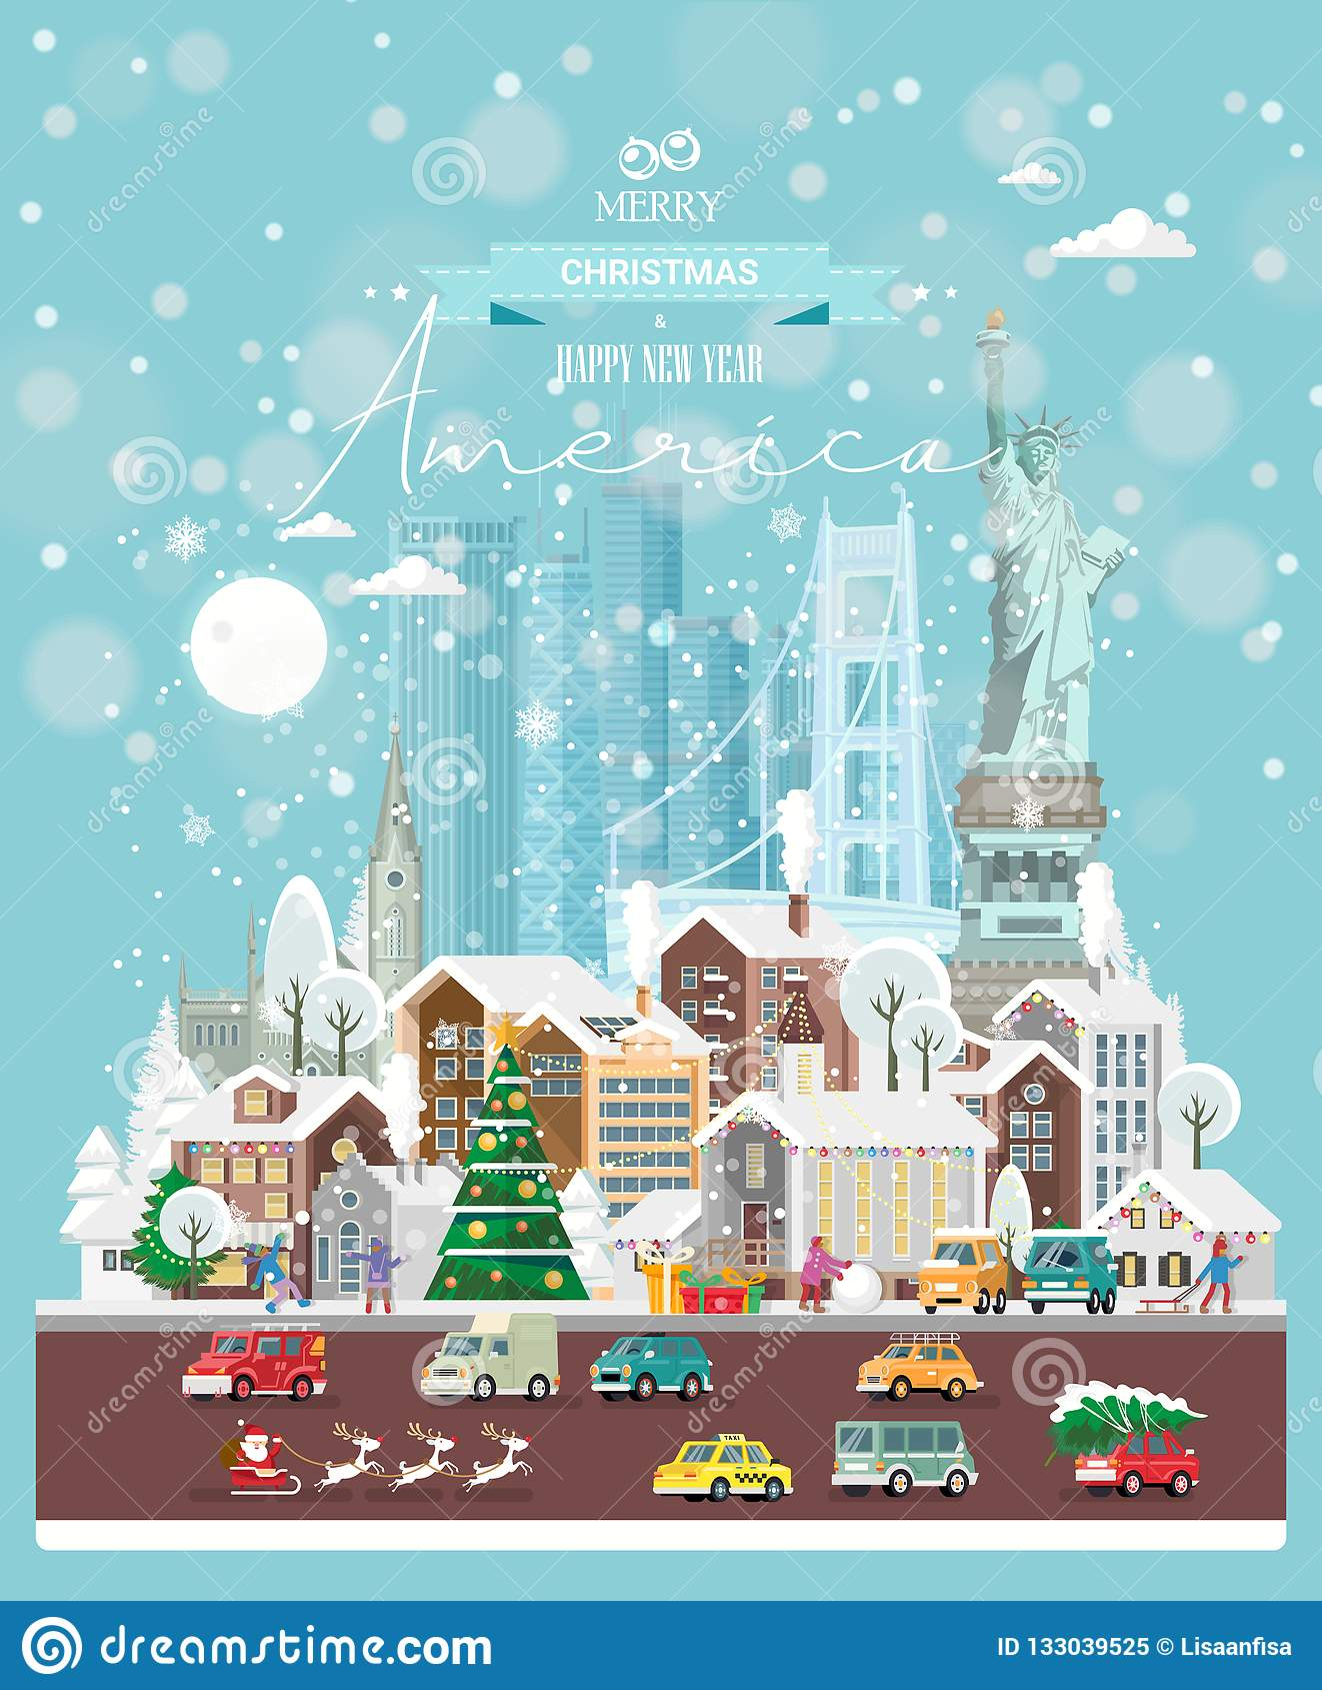 Neujahrs Und Weihnachtswünsche.Weihnachtswünsche Von Amerika Moderne Vektorgrußkarte In Der Flachen